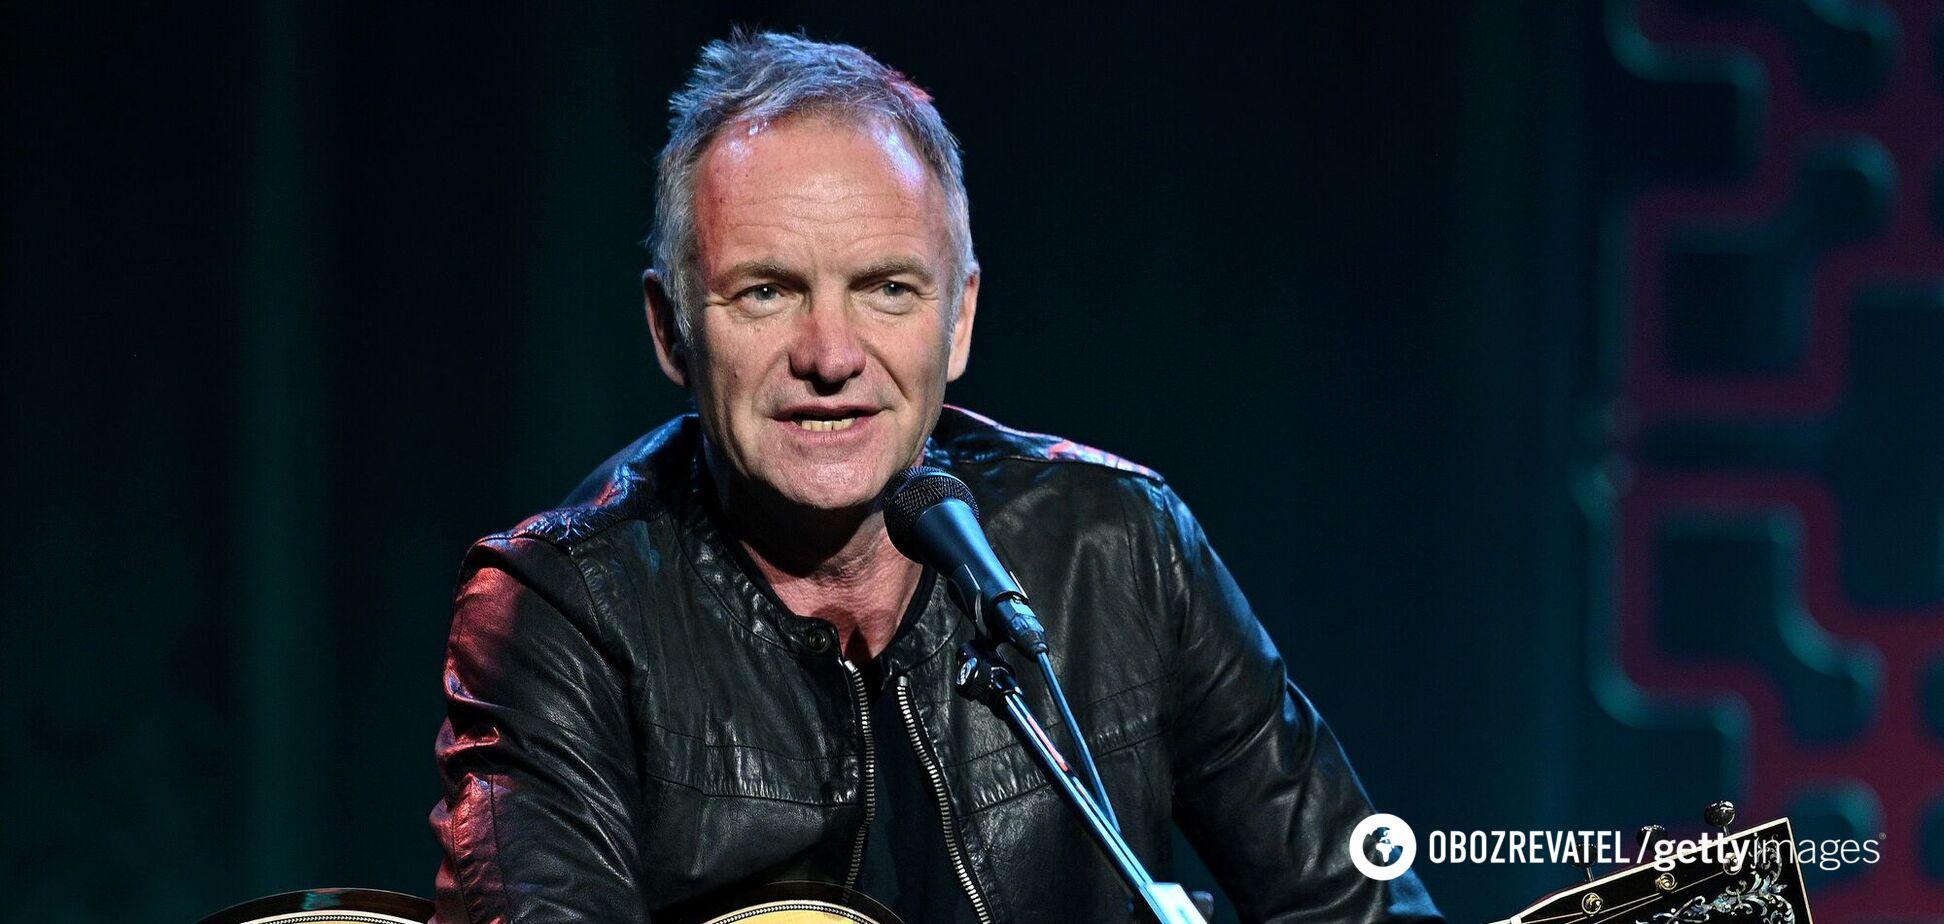 Любитель тантрического секса и актер: Sting празднует 70-летний юбилей